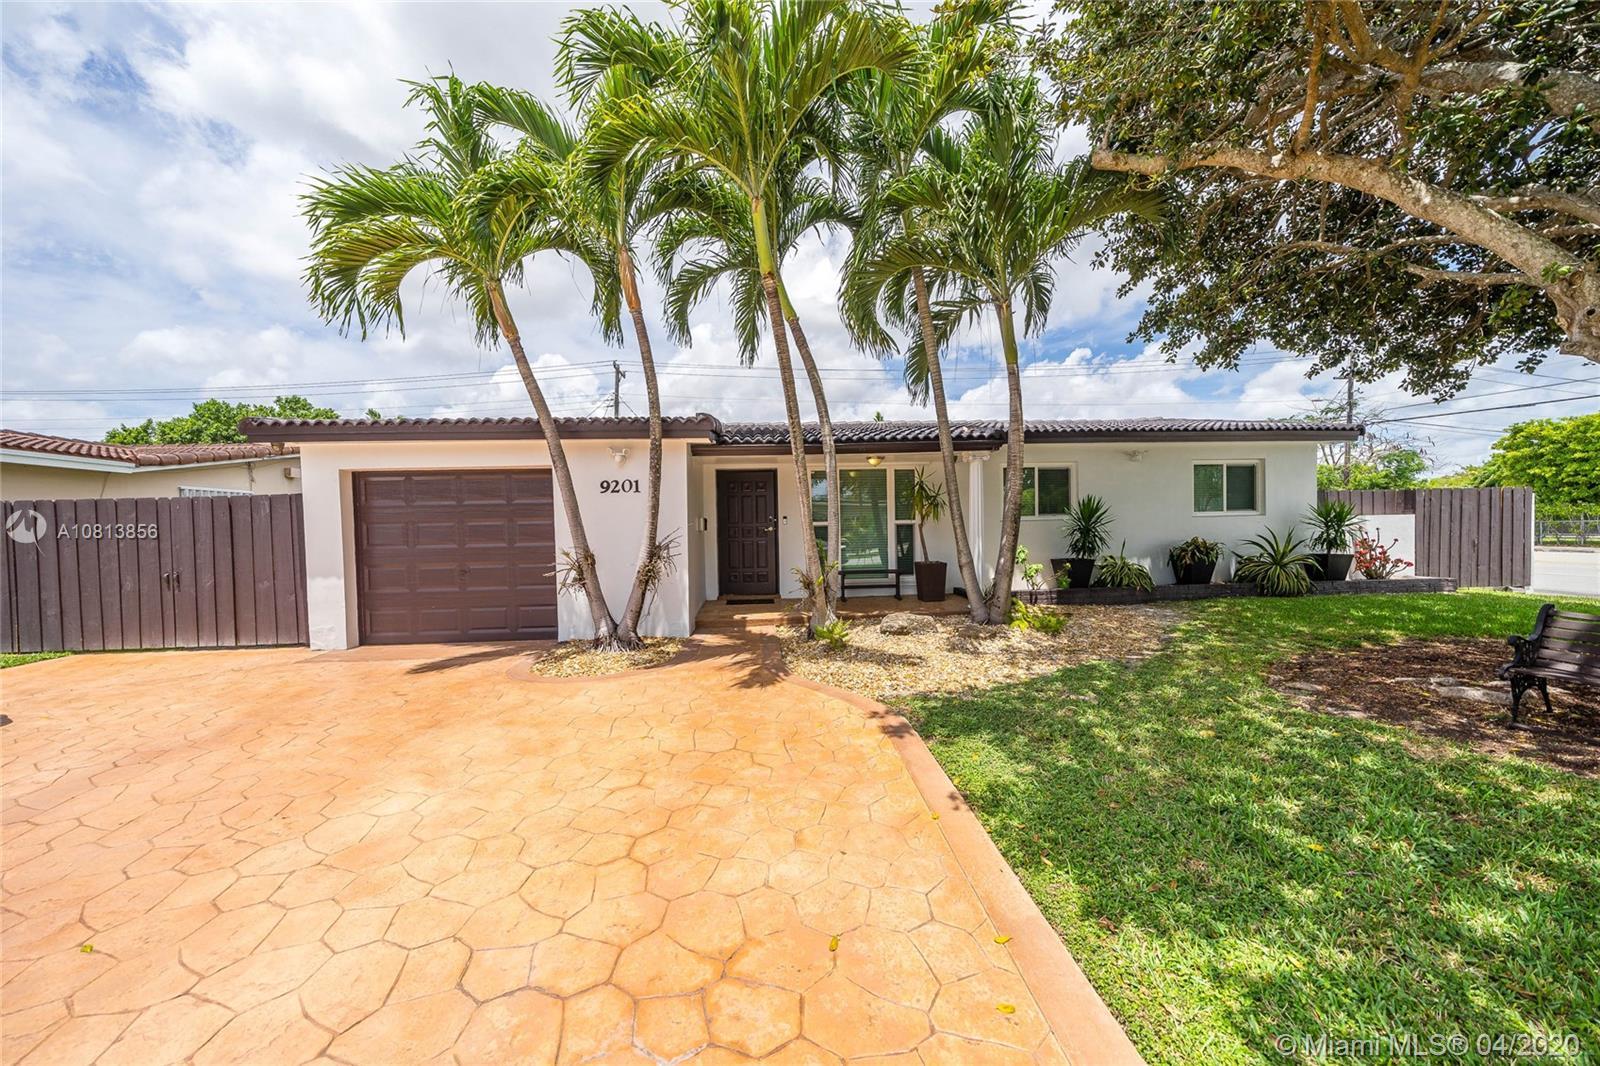 9201 SW 56th Ter #0, Miami, FL 33173 - Miami, FL real estate listing